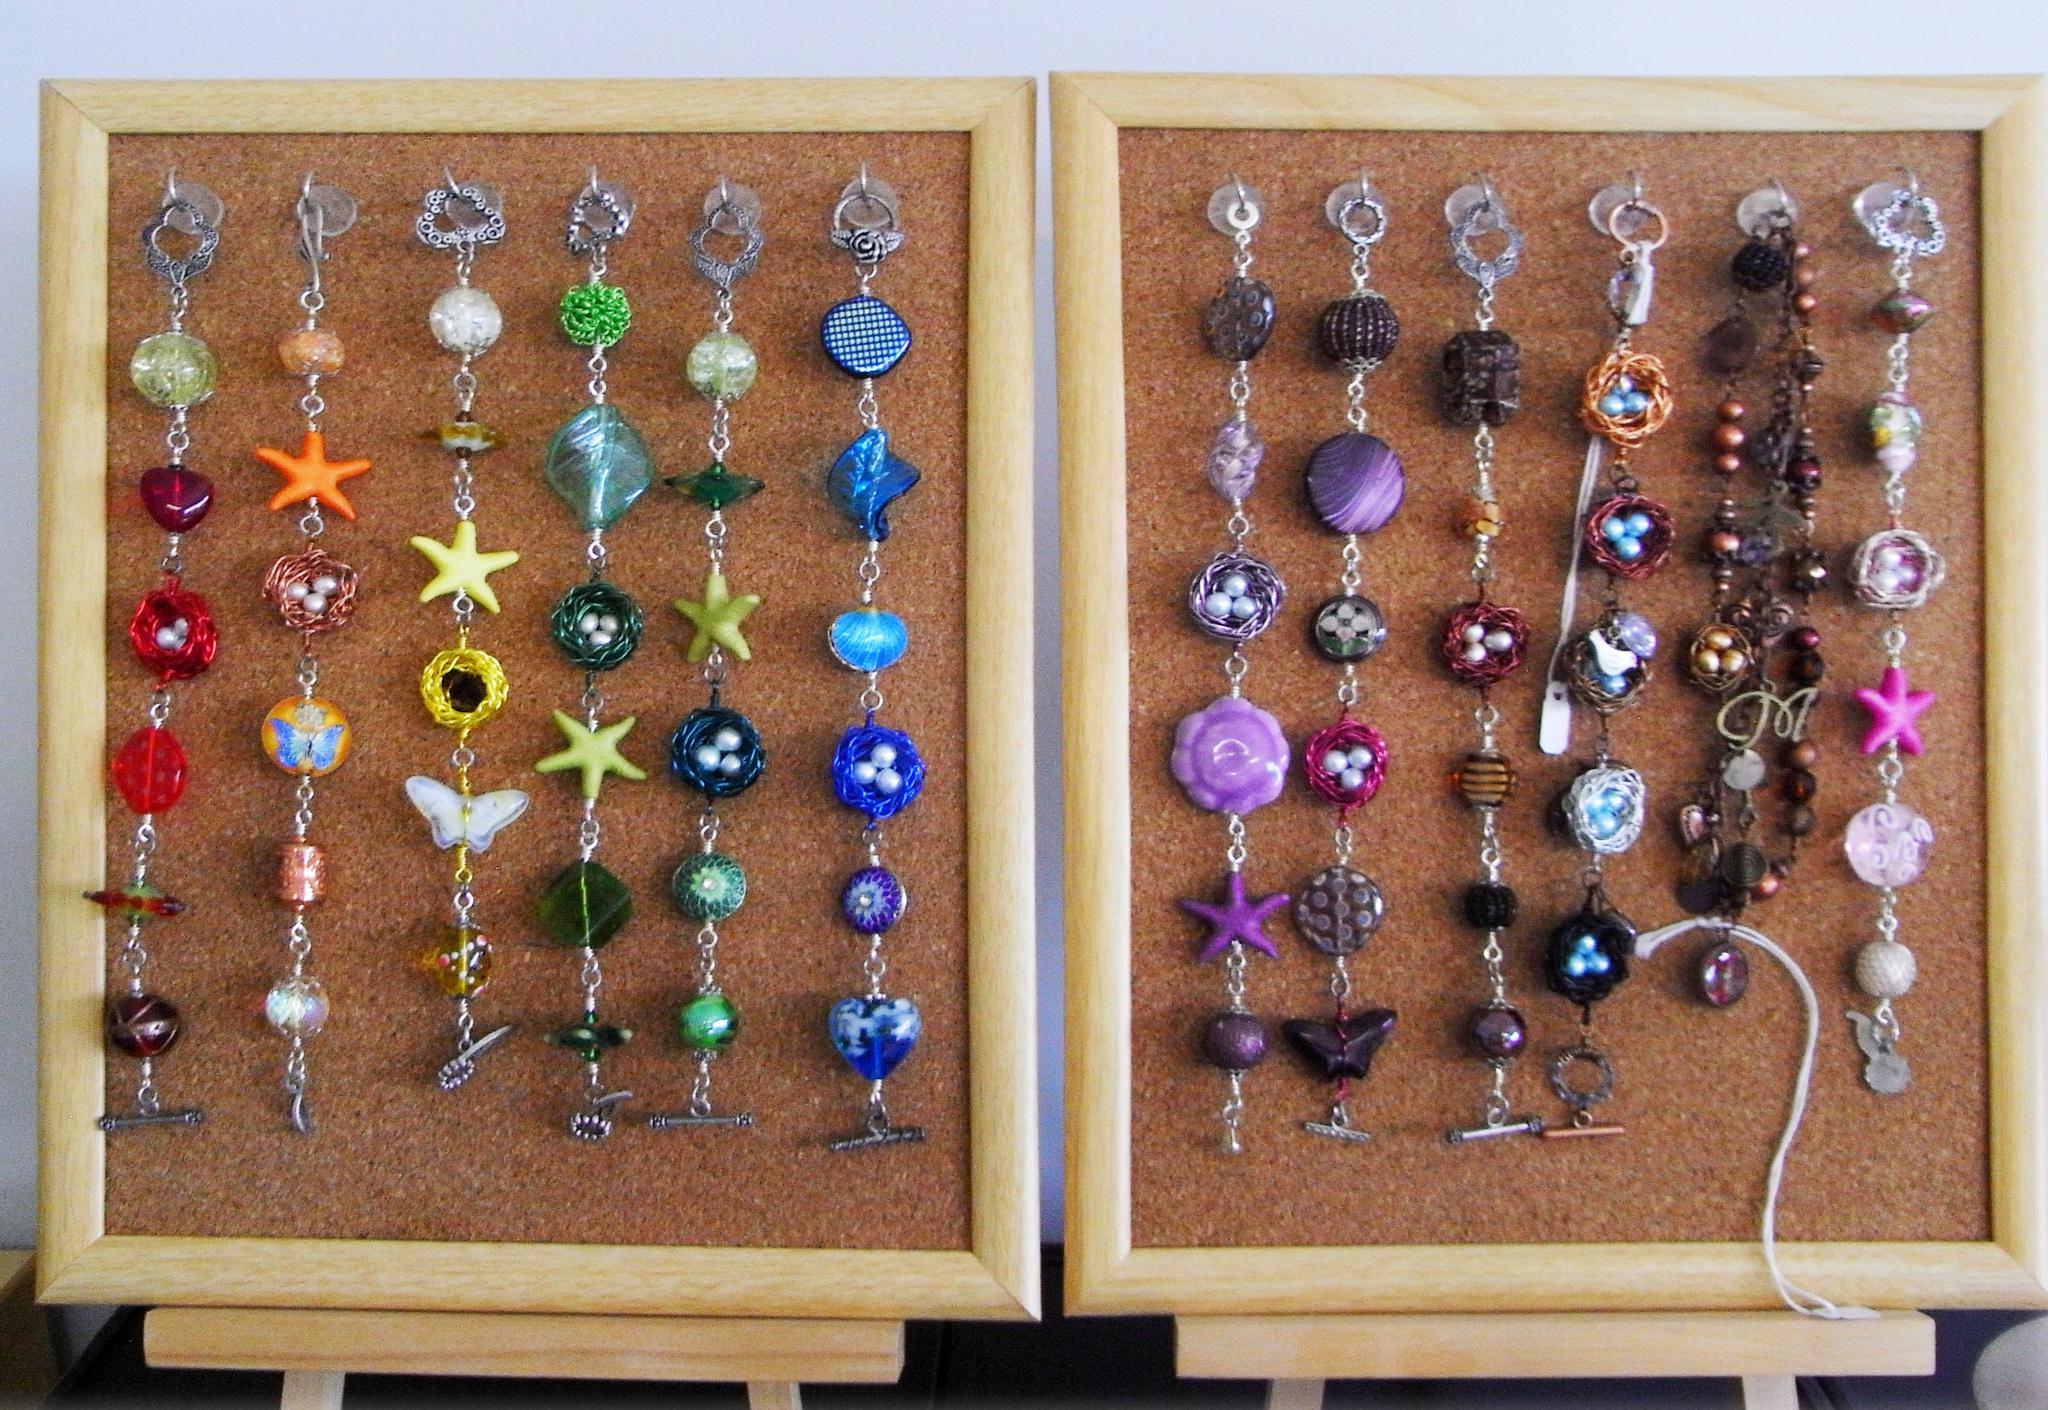 119 2f2015 04 17 183255 birdsnest bracelets